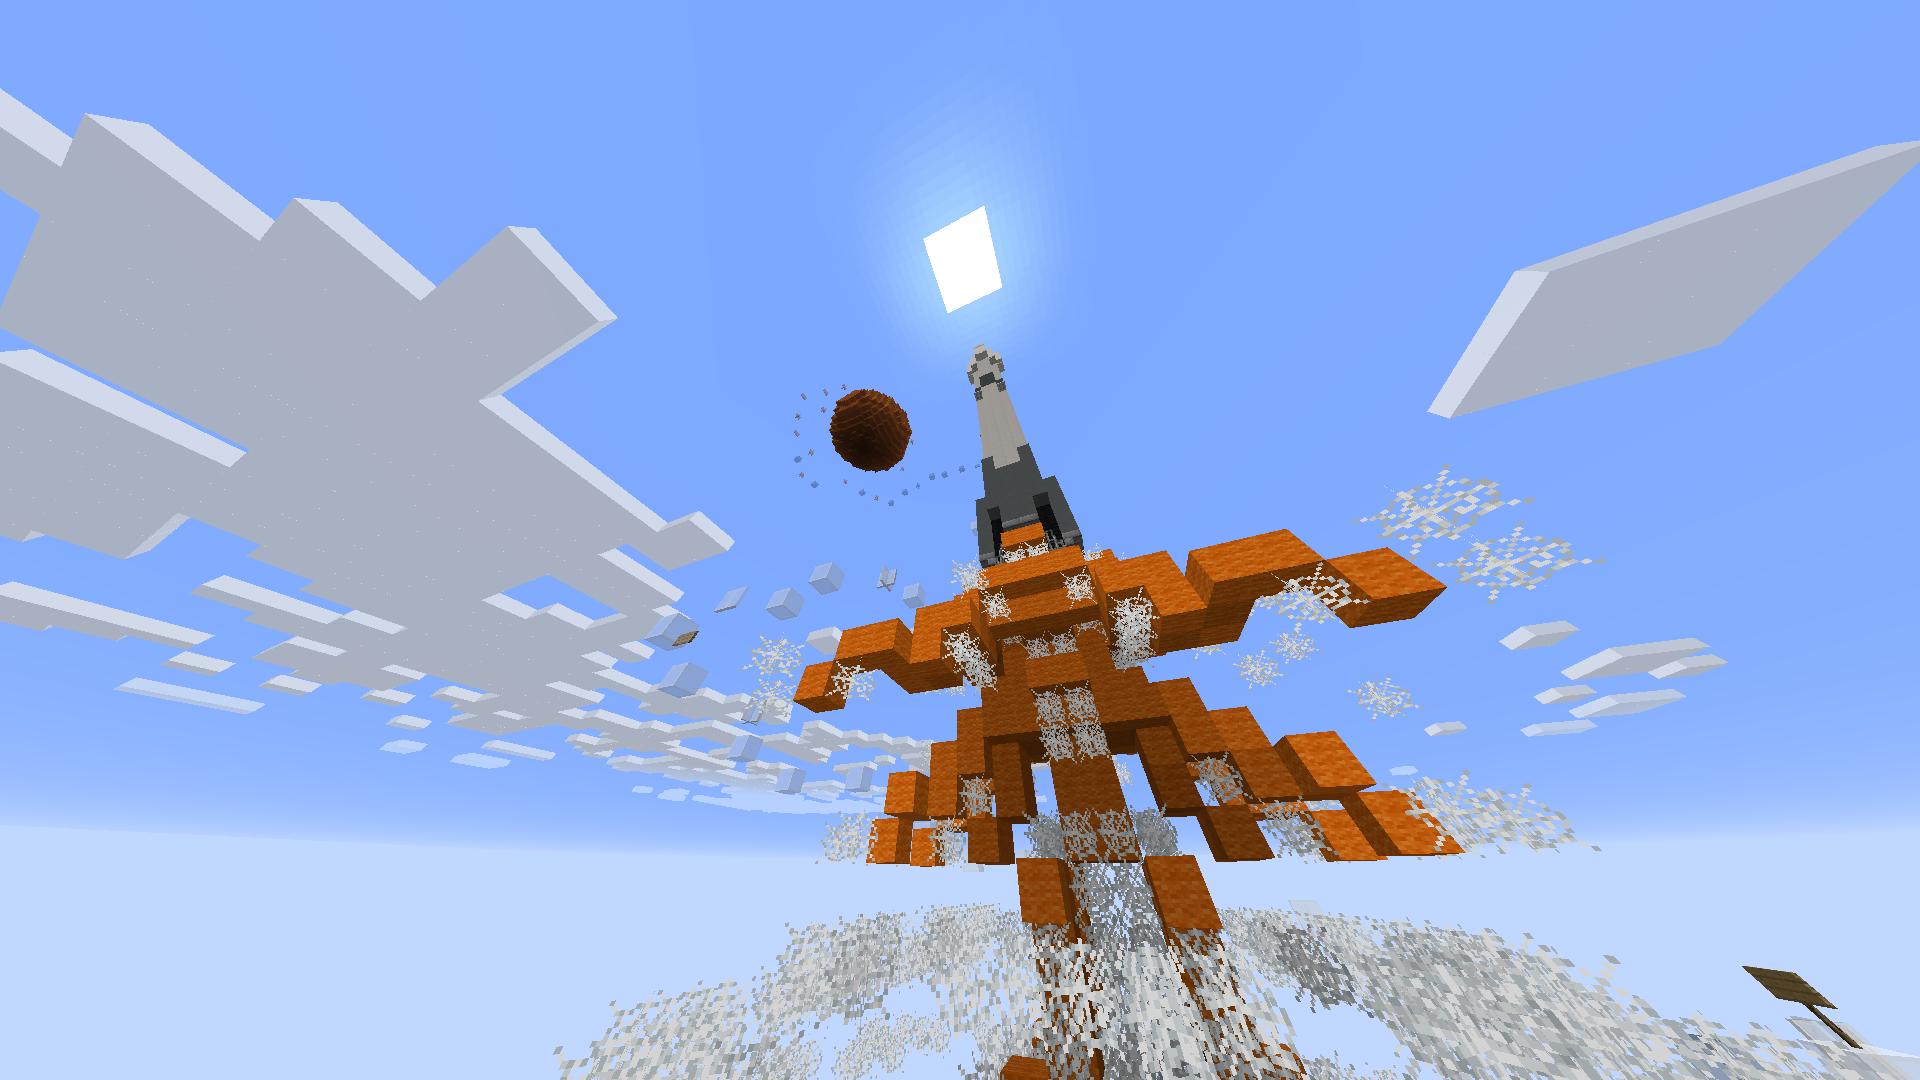 Minecraft 1.15.2 - Multijugador (de terceros) 22_05_2020 18_46_13.png